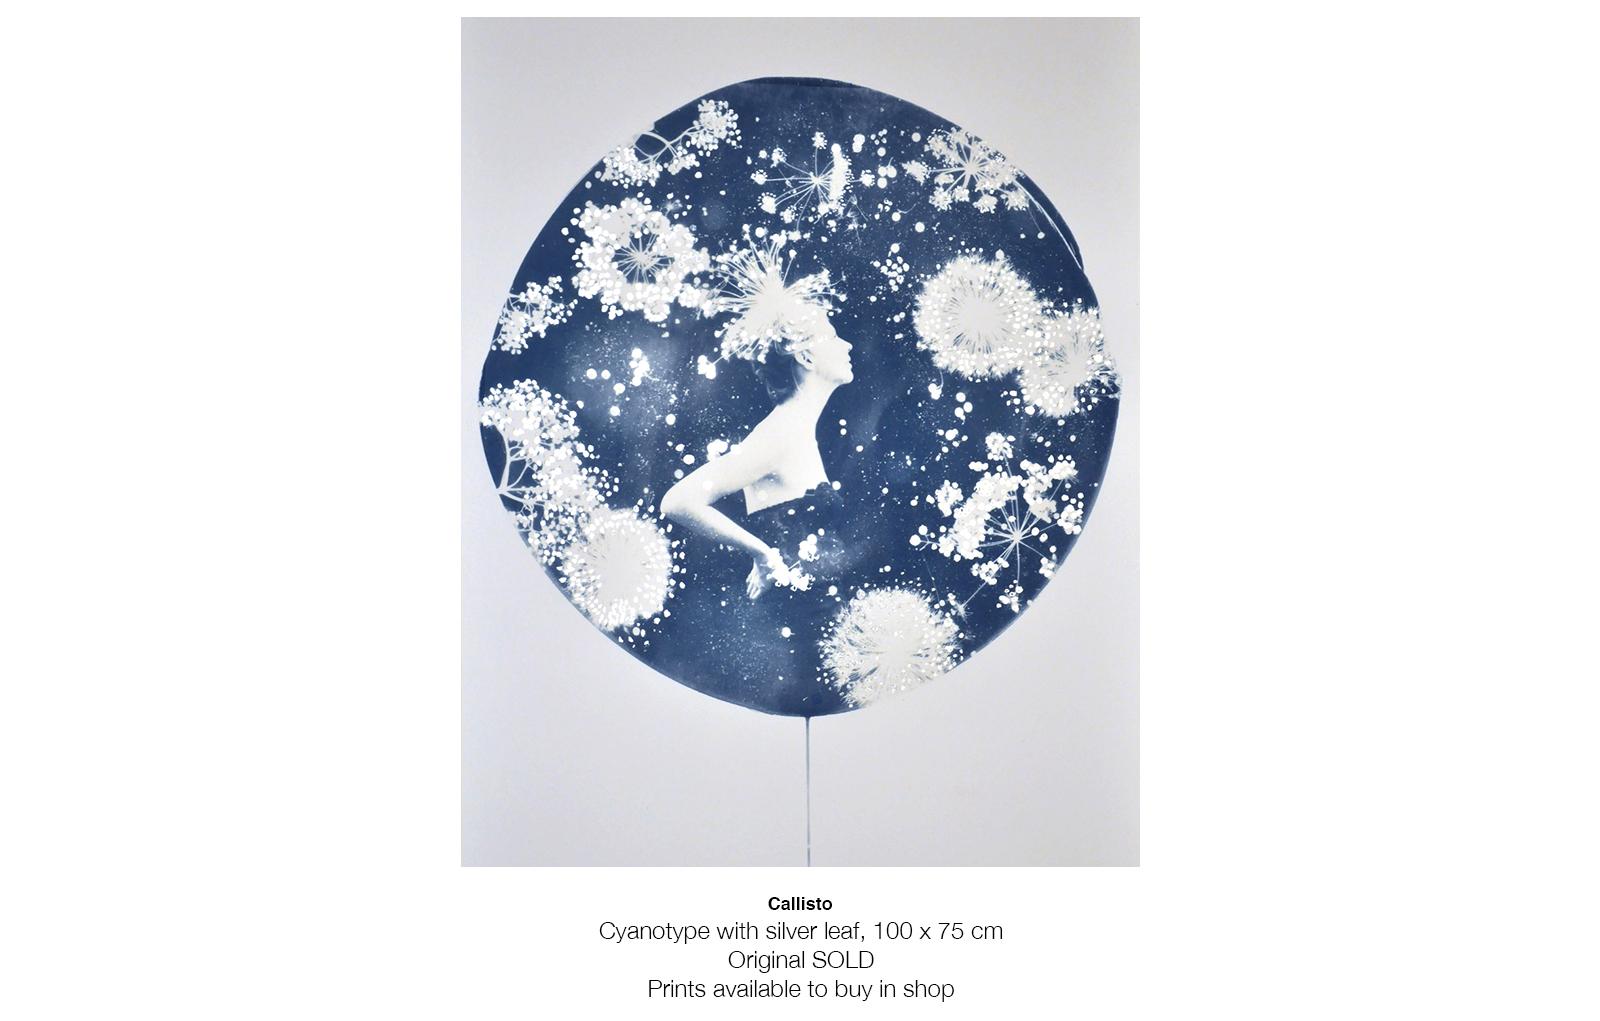 callisto s2